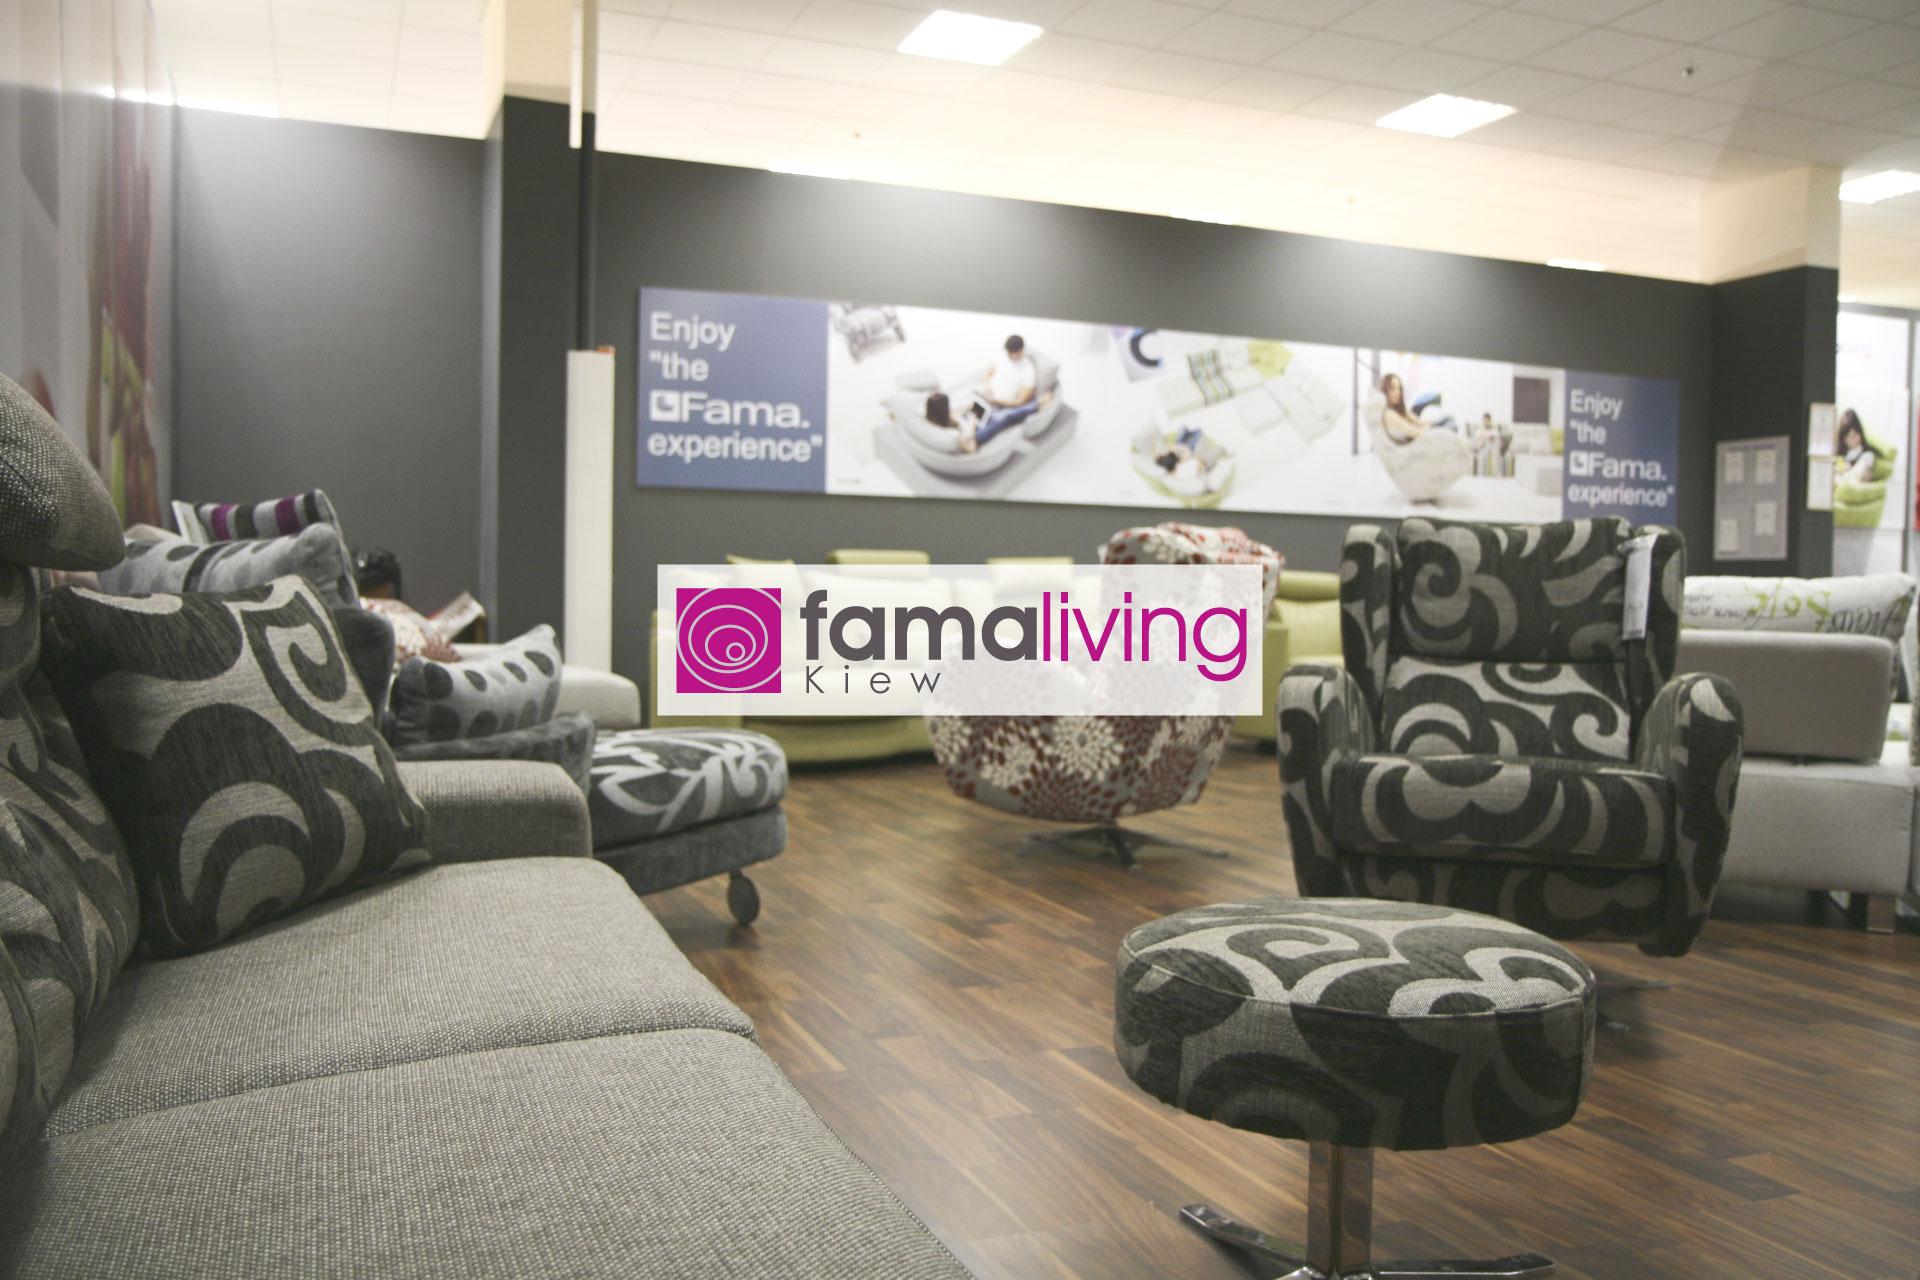 Famaliving Kiew - Tienda de sofás